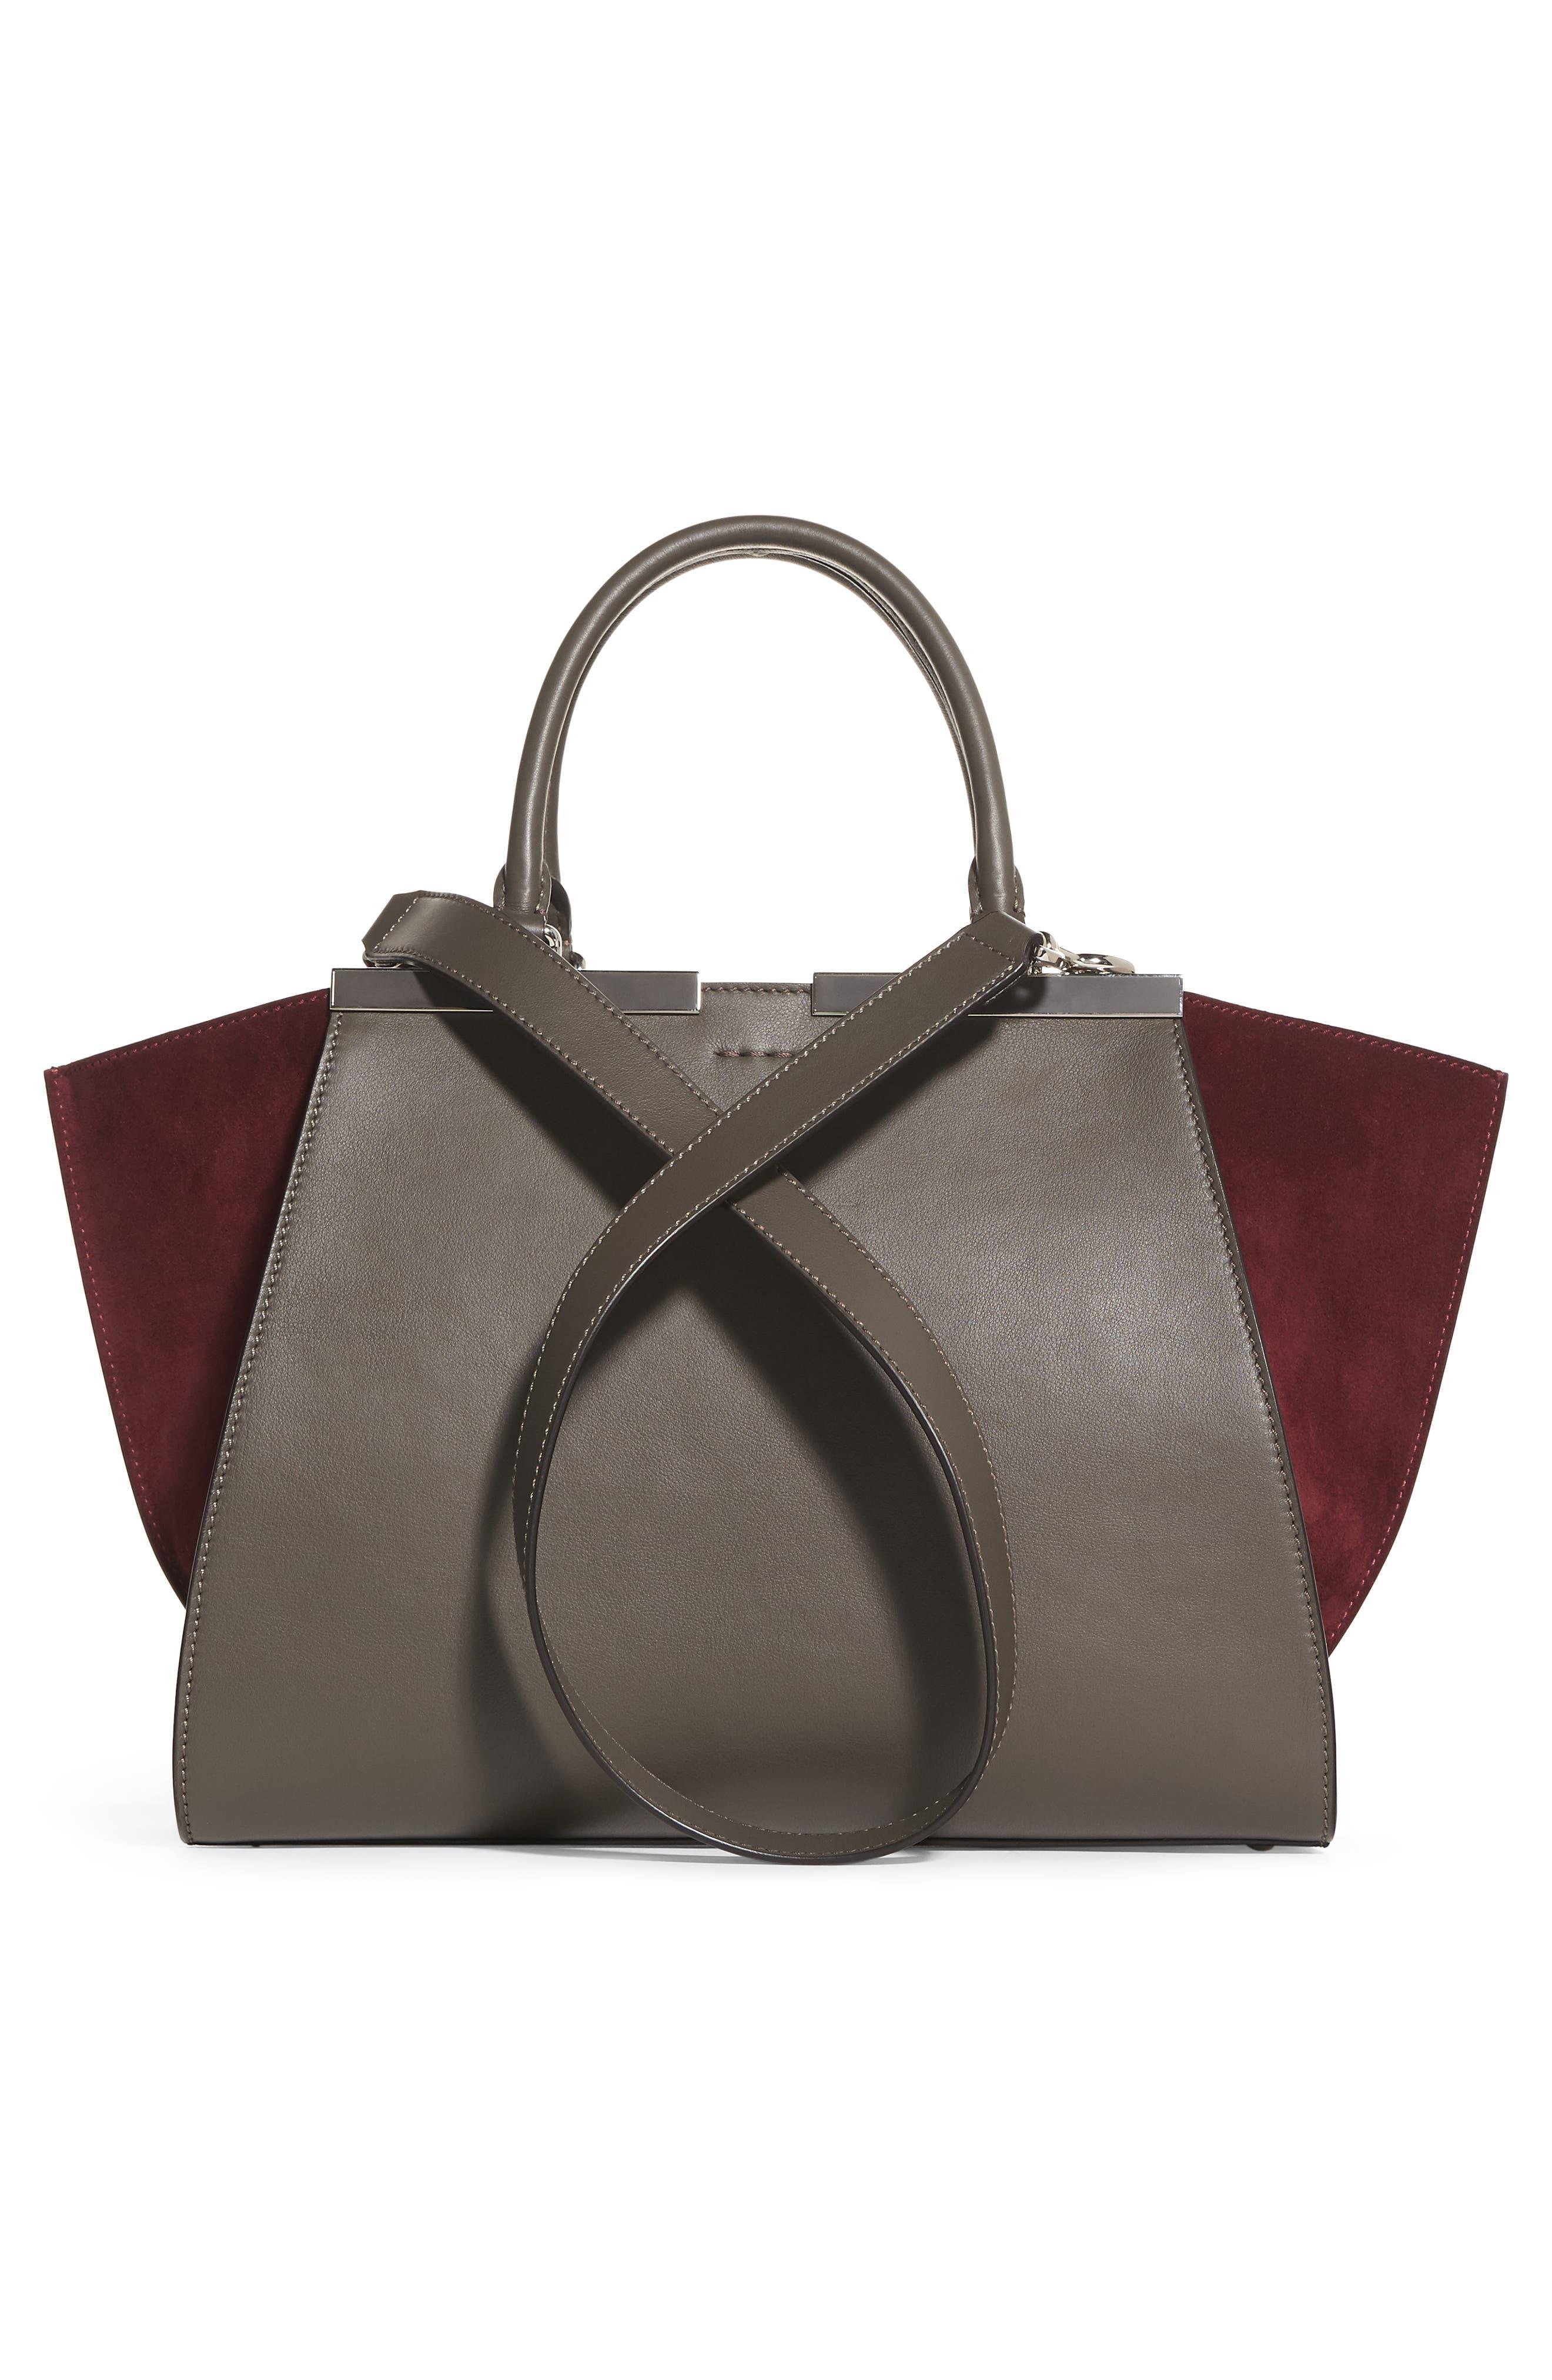 3Jours Baltico Leather & Suede Shopper,                             Alternate thumbnail 5, color,